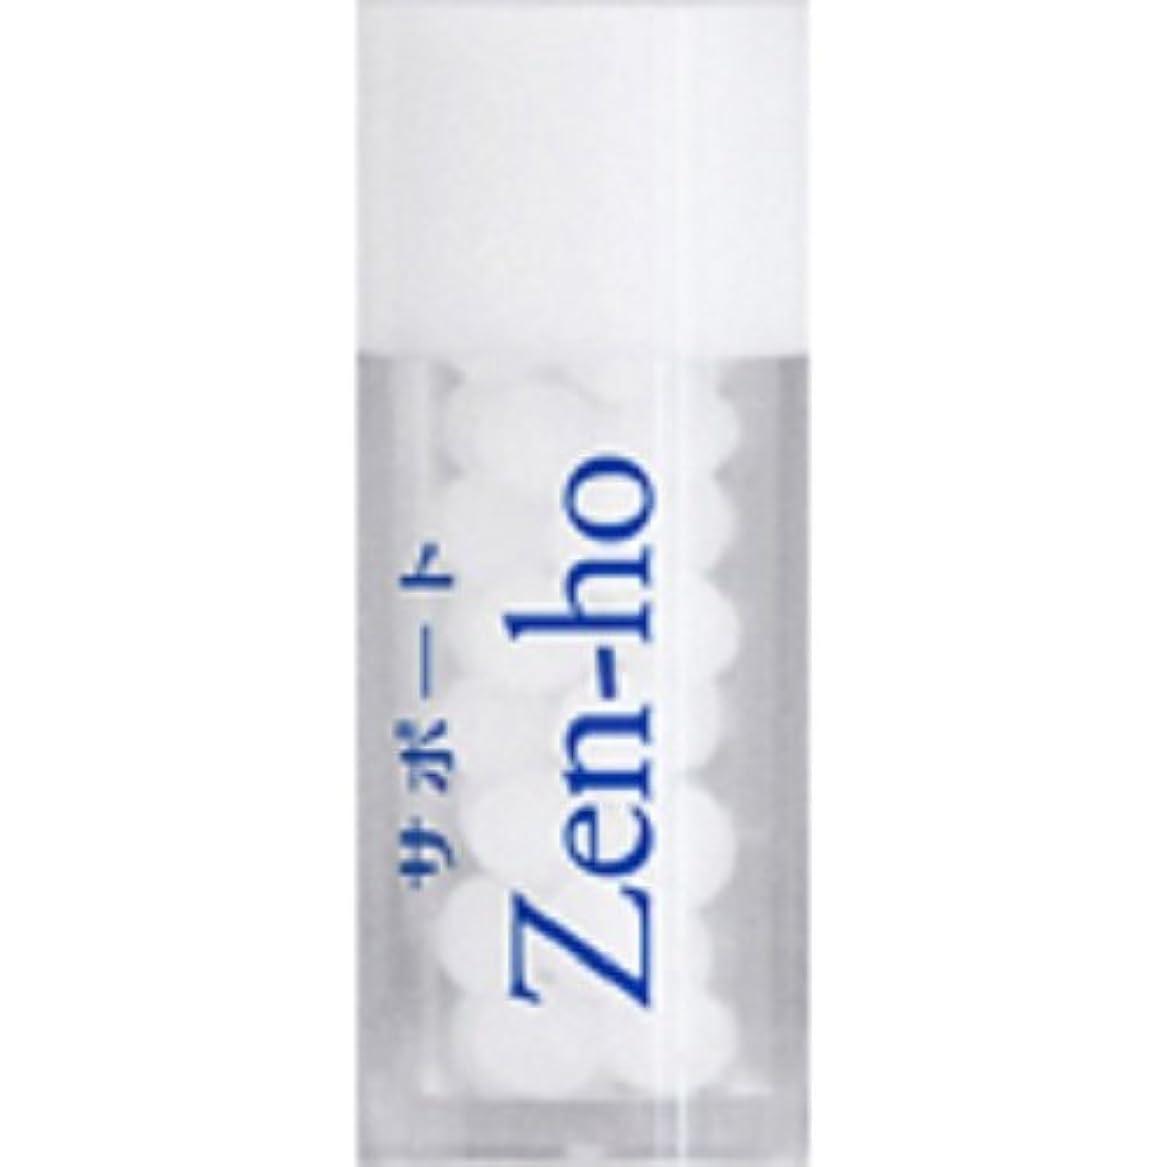 センサーパンフレットブレンドホメオパシージャパンレメディー サポートZen-ho(小ビン)